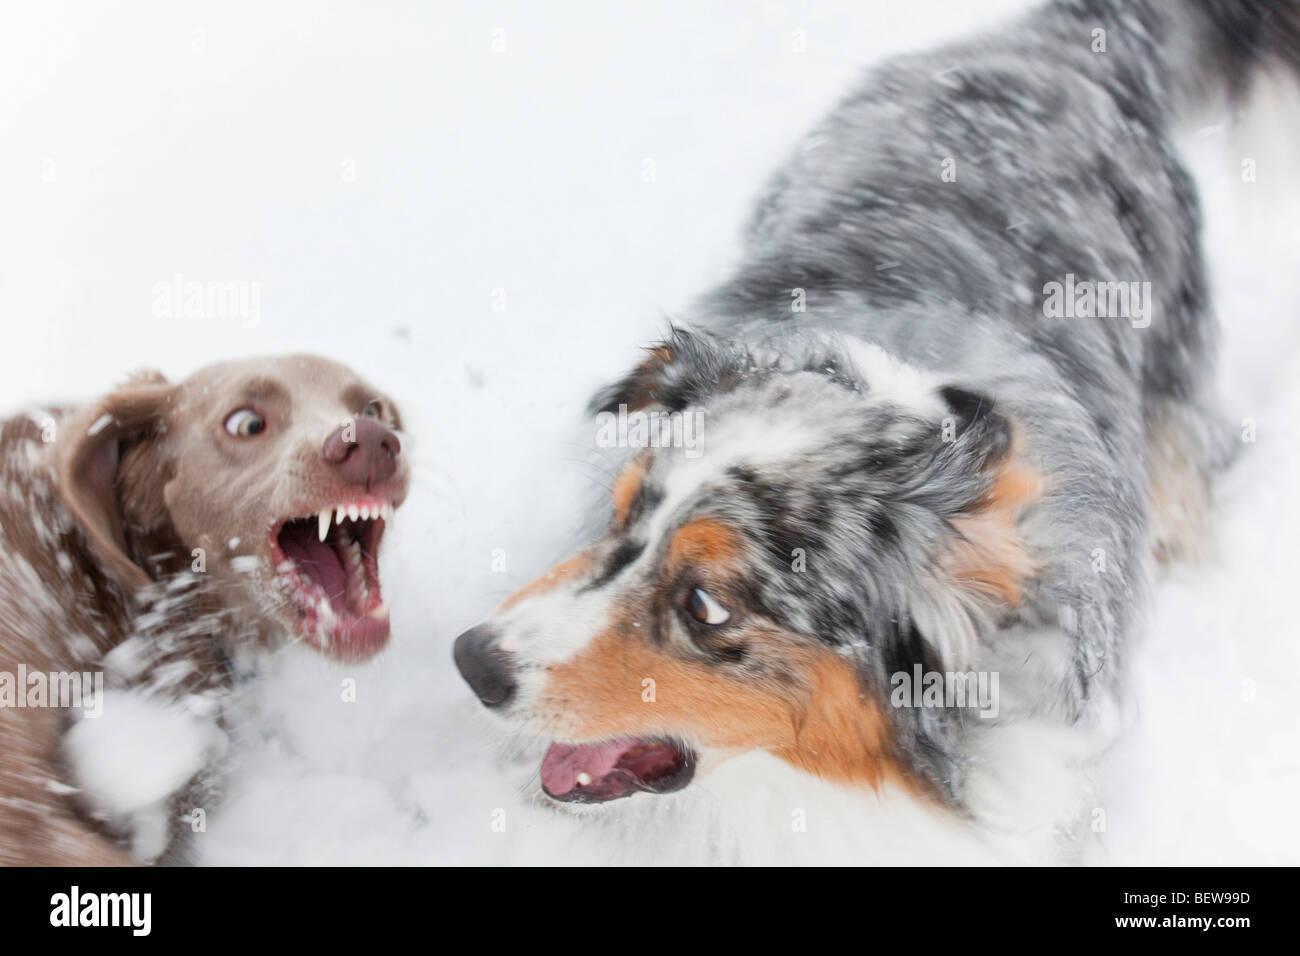 Dos perros peleando en la nieve, un alto ángulo de visualización Imagen De Stock